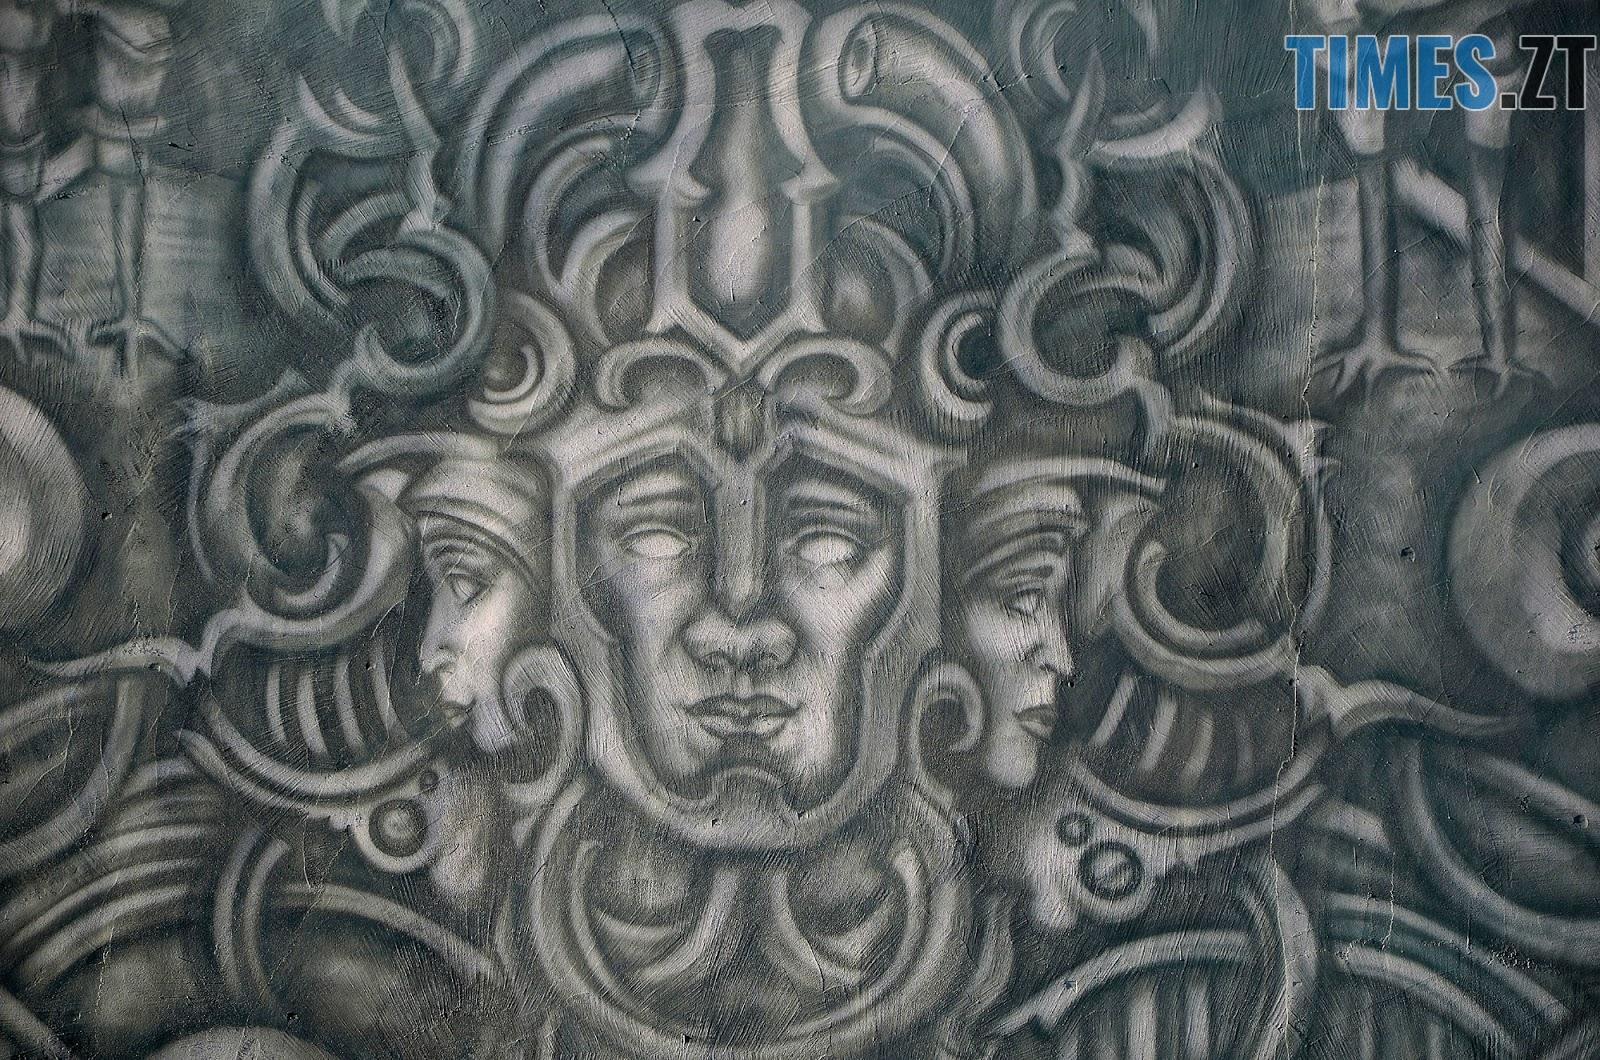 Krab 5 - Новий мурал «Трисвіт» як наймасштабніший витвір вуличного мистецтва у Житомирі